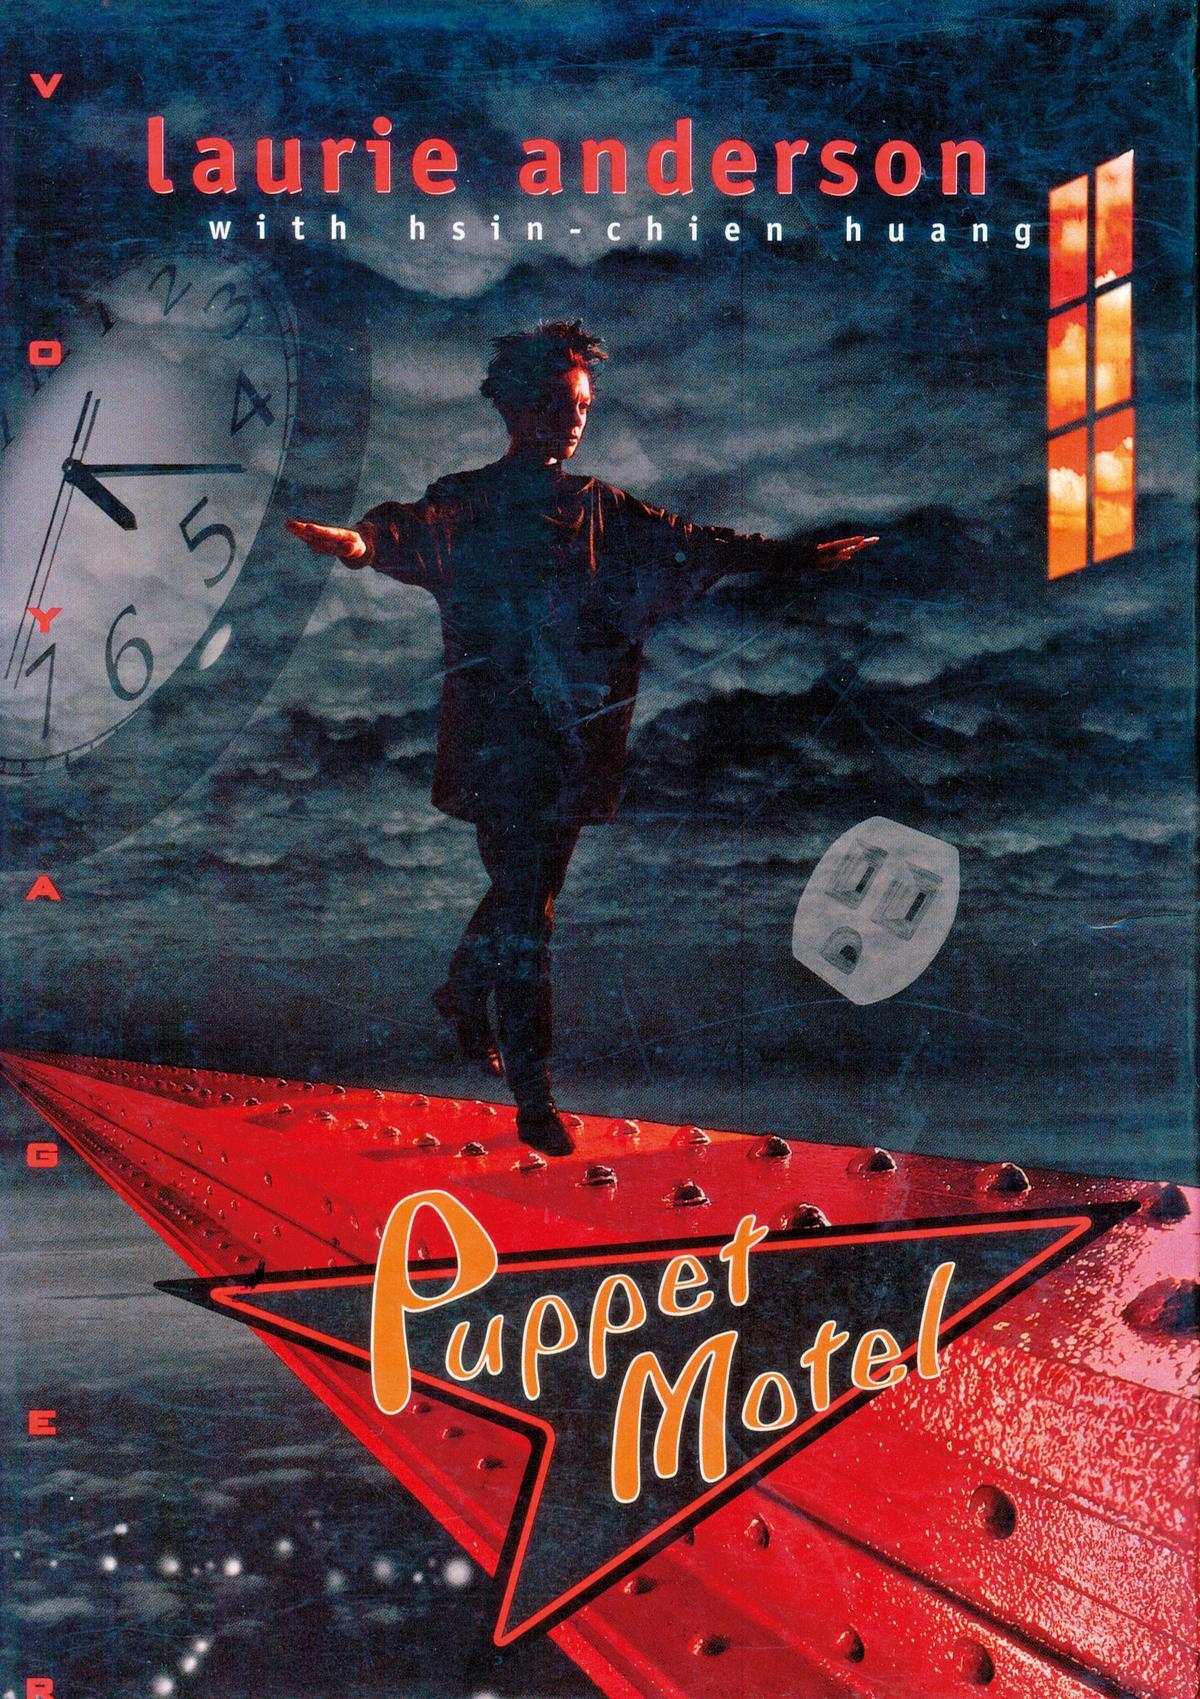 1995年蘿瑞安德森邀黃心健一起參與《Puppet Motel》作品互動光碟製作。(黃心健提供)